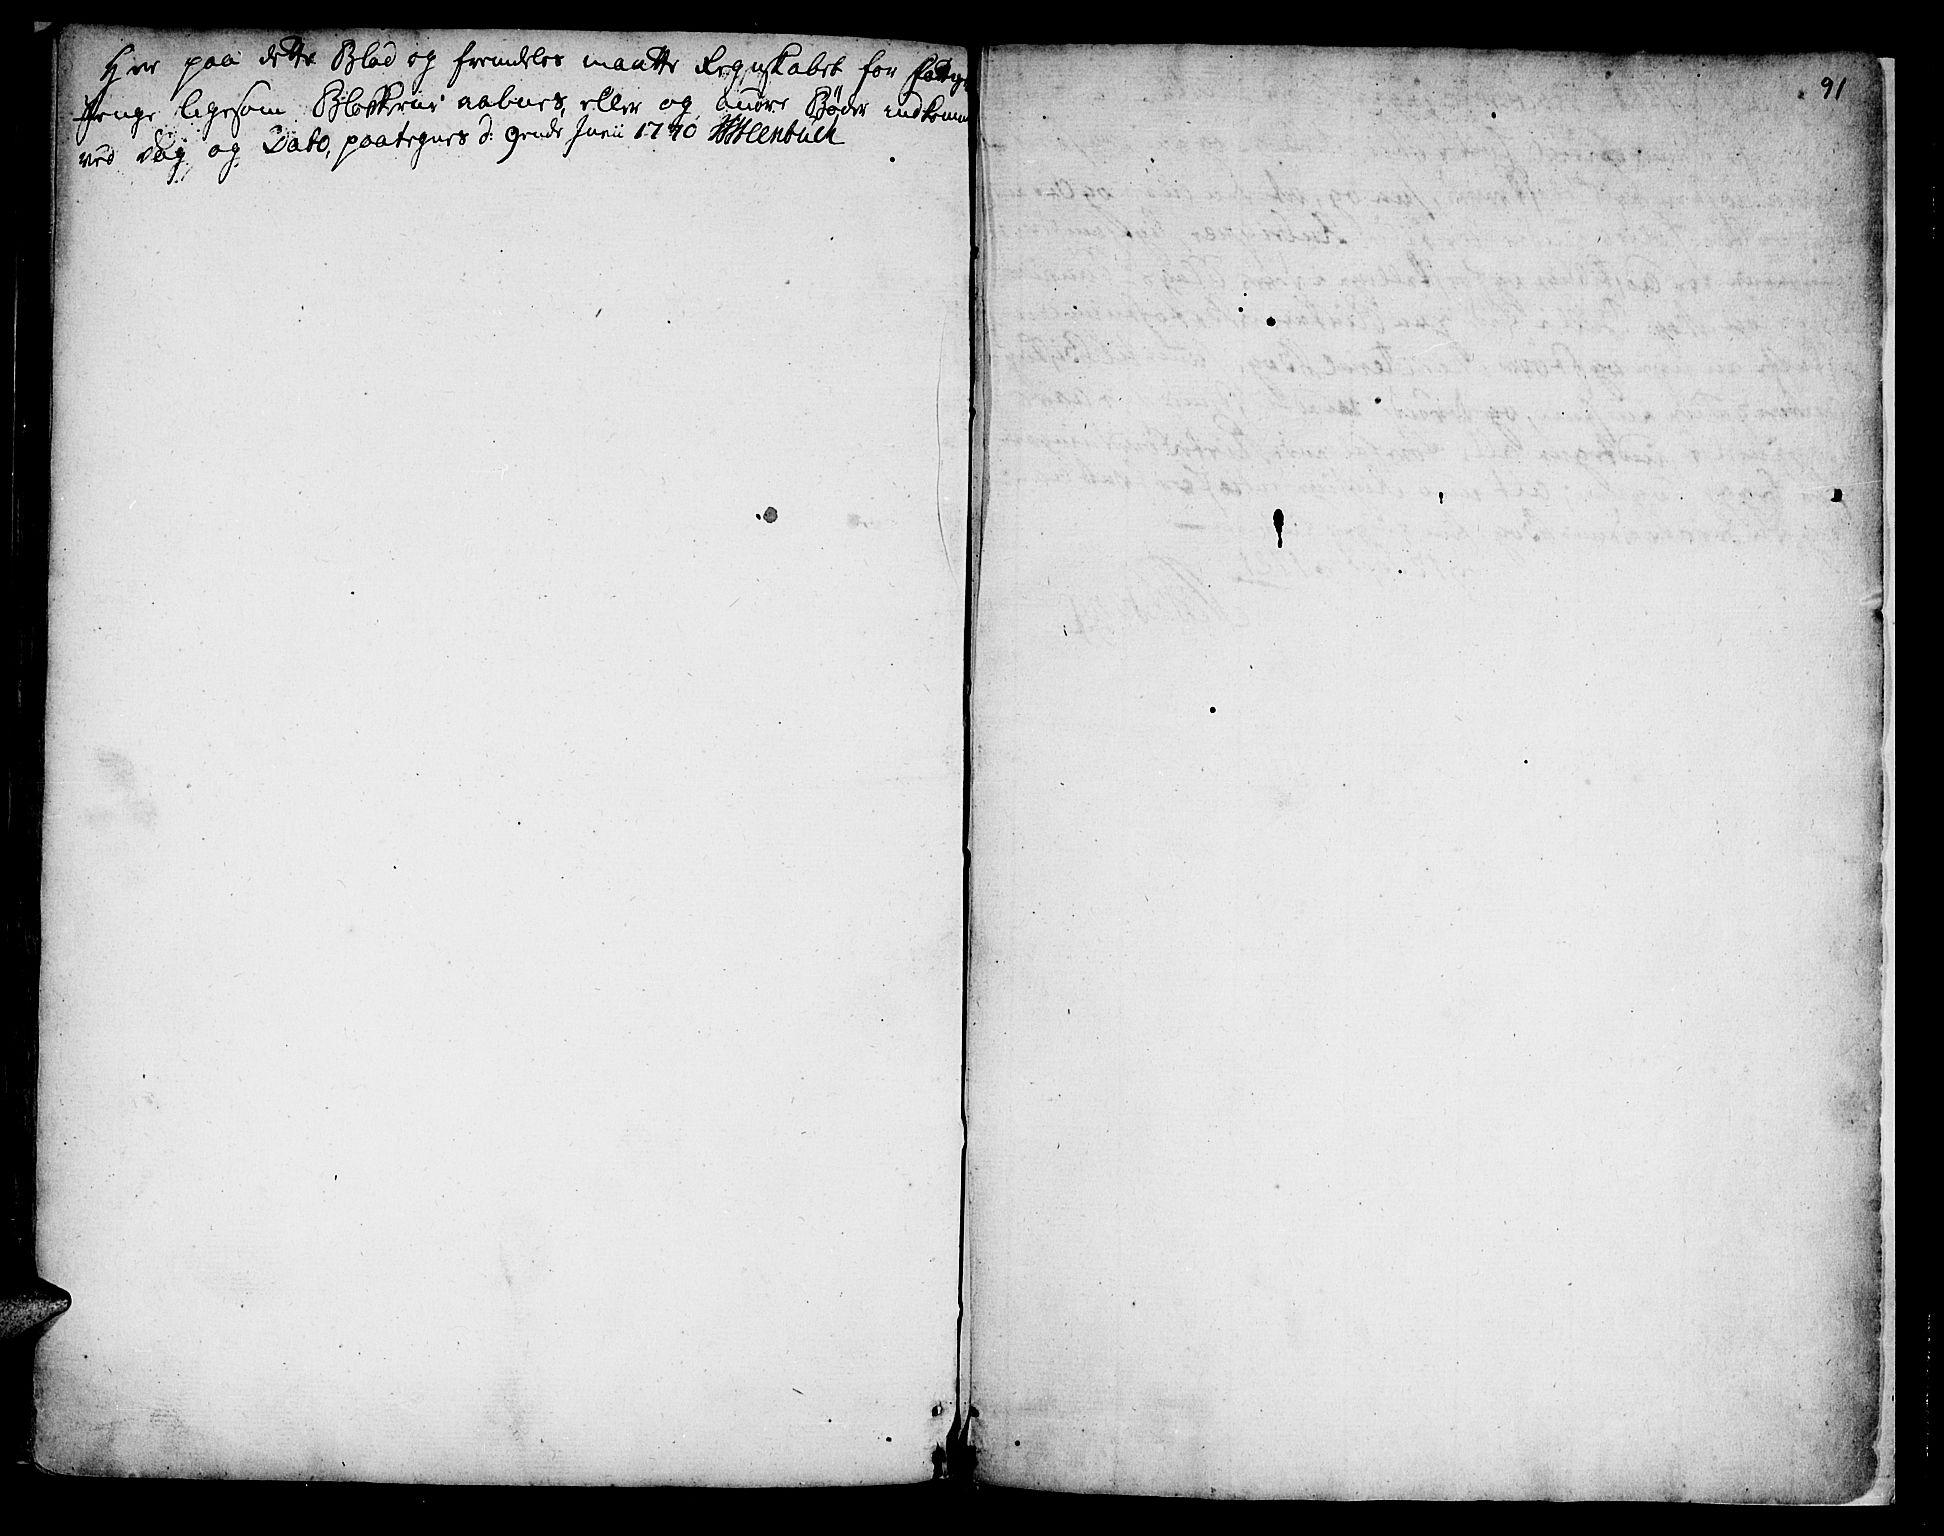 SAT, Ministerialprotokoller, klokkerbøker og fødselsregistre - Sør-Trøndelag, 618/L0437: Ministerialbok nr. 618A02, 1749-1782, s. 91